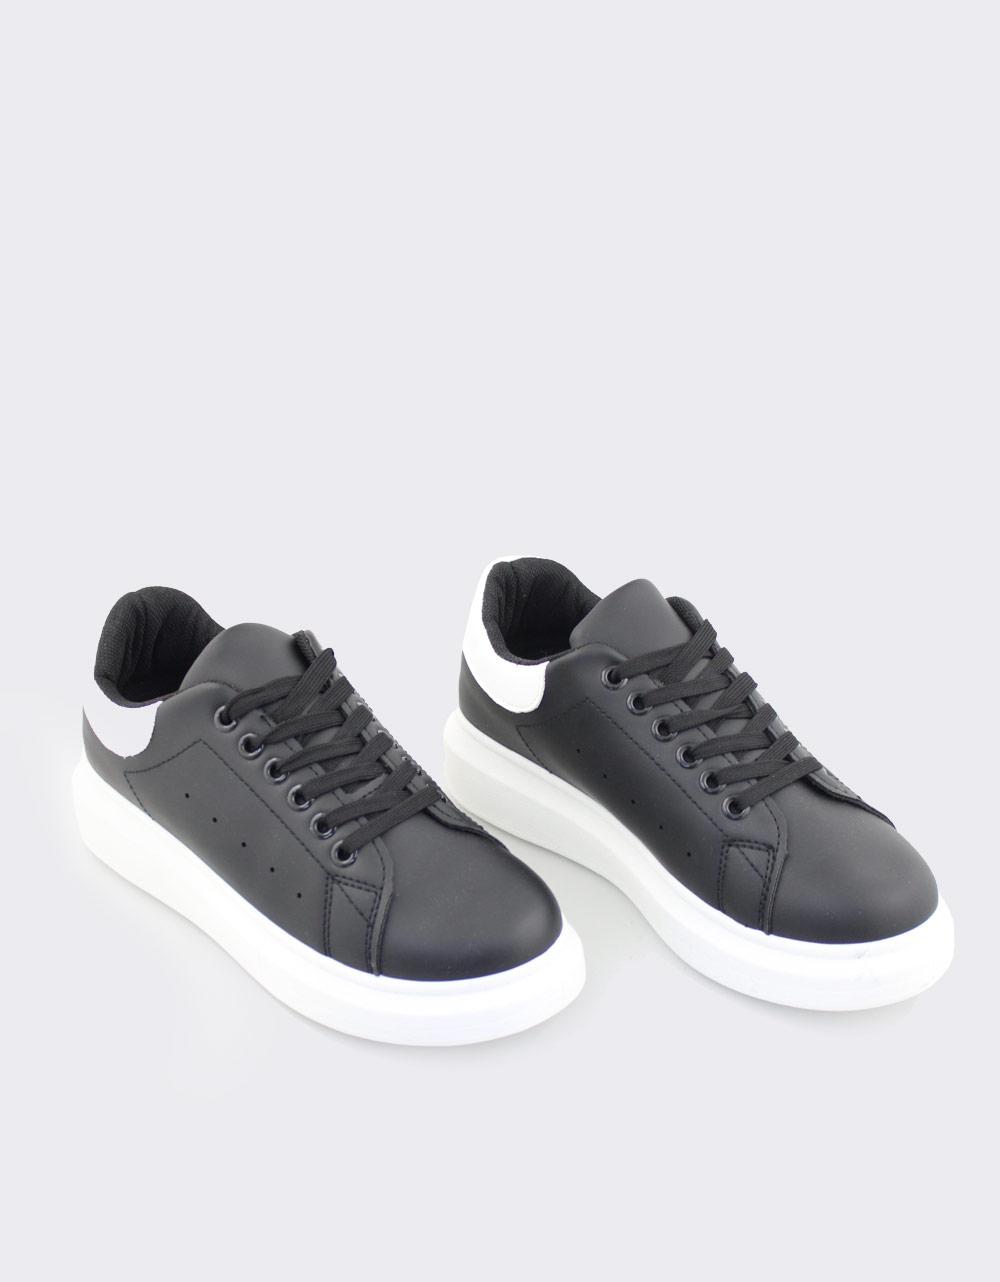 Εικόνα από Γυναικεία sneakers μονόχρωμα με λεπτομέρεια Μαύρο/Λευκό